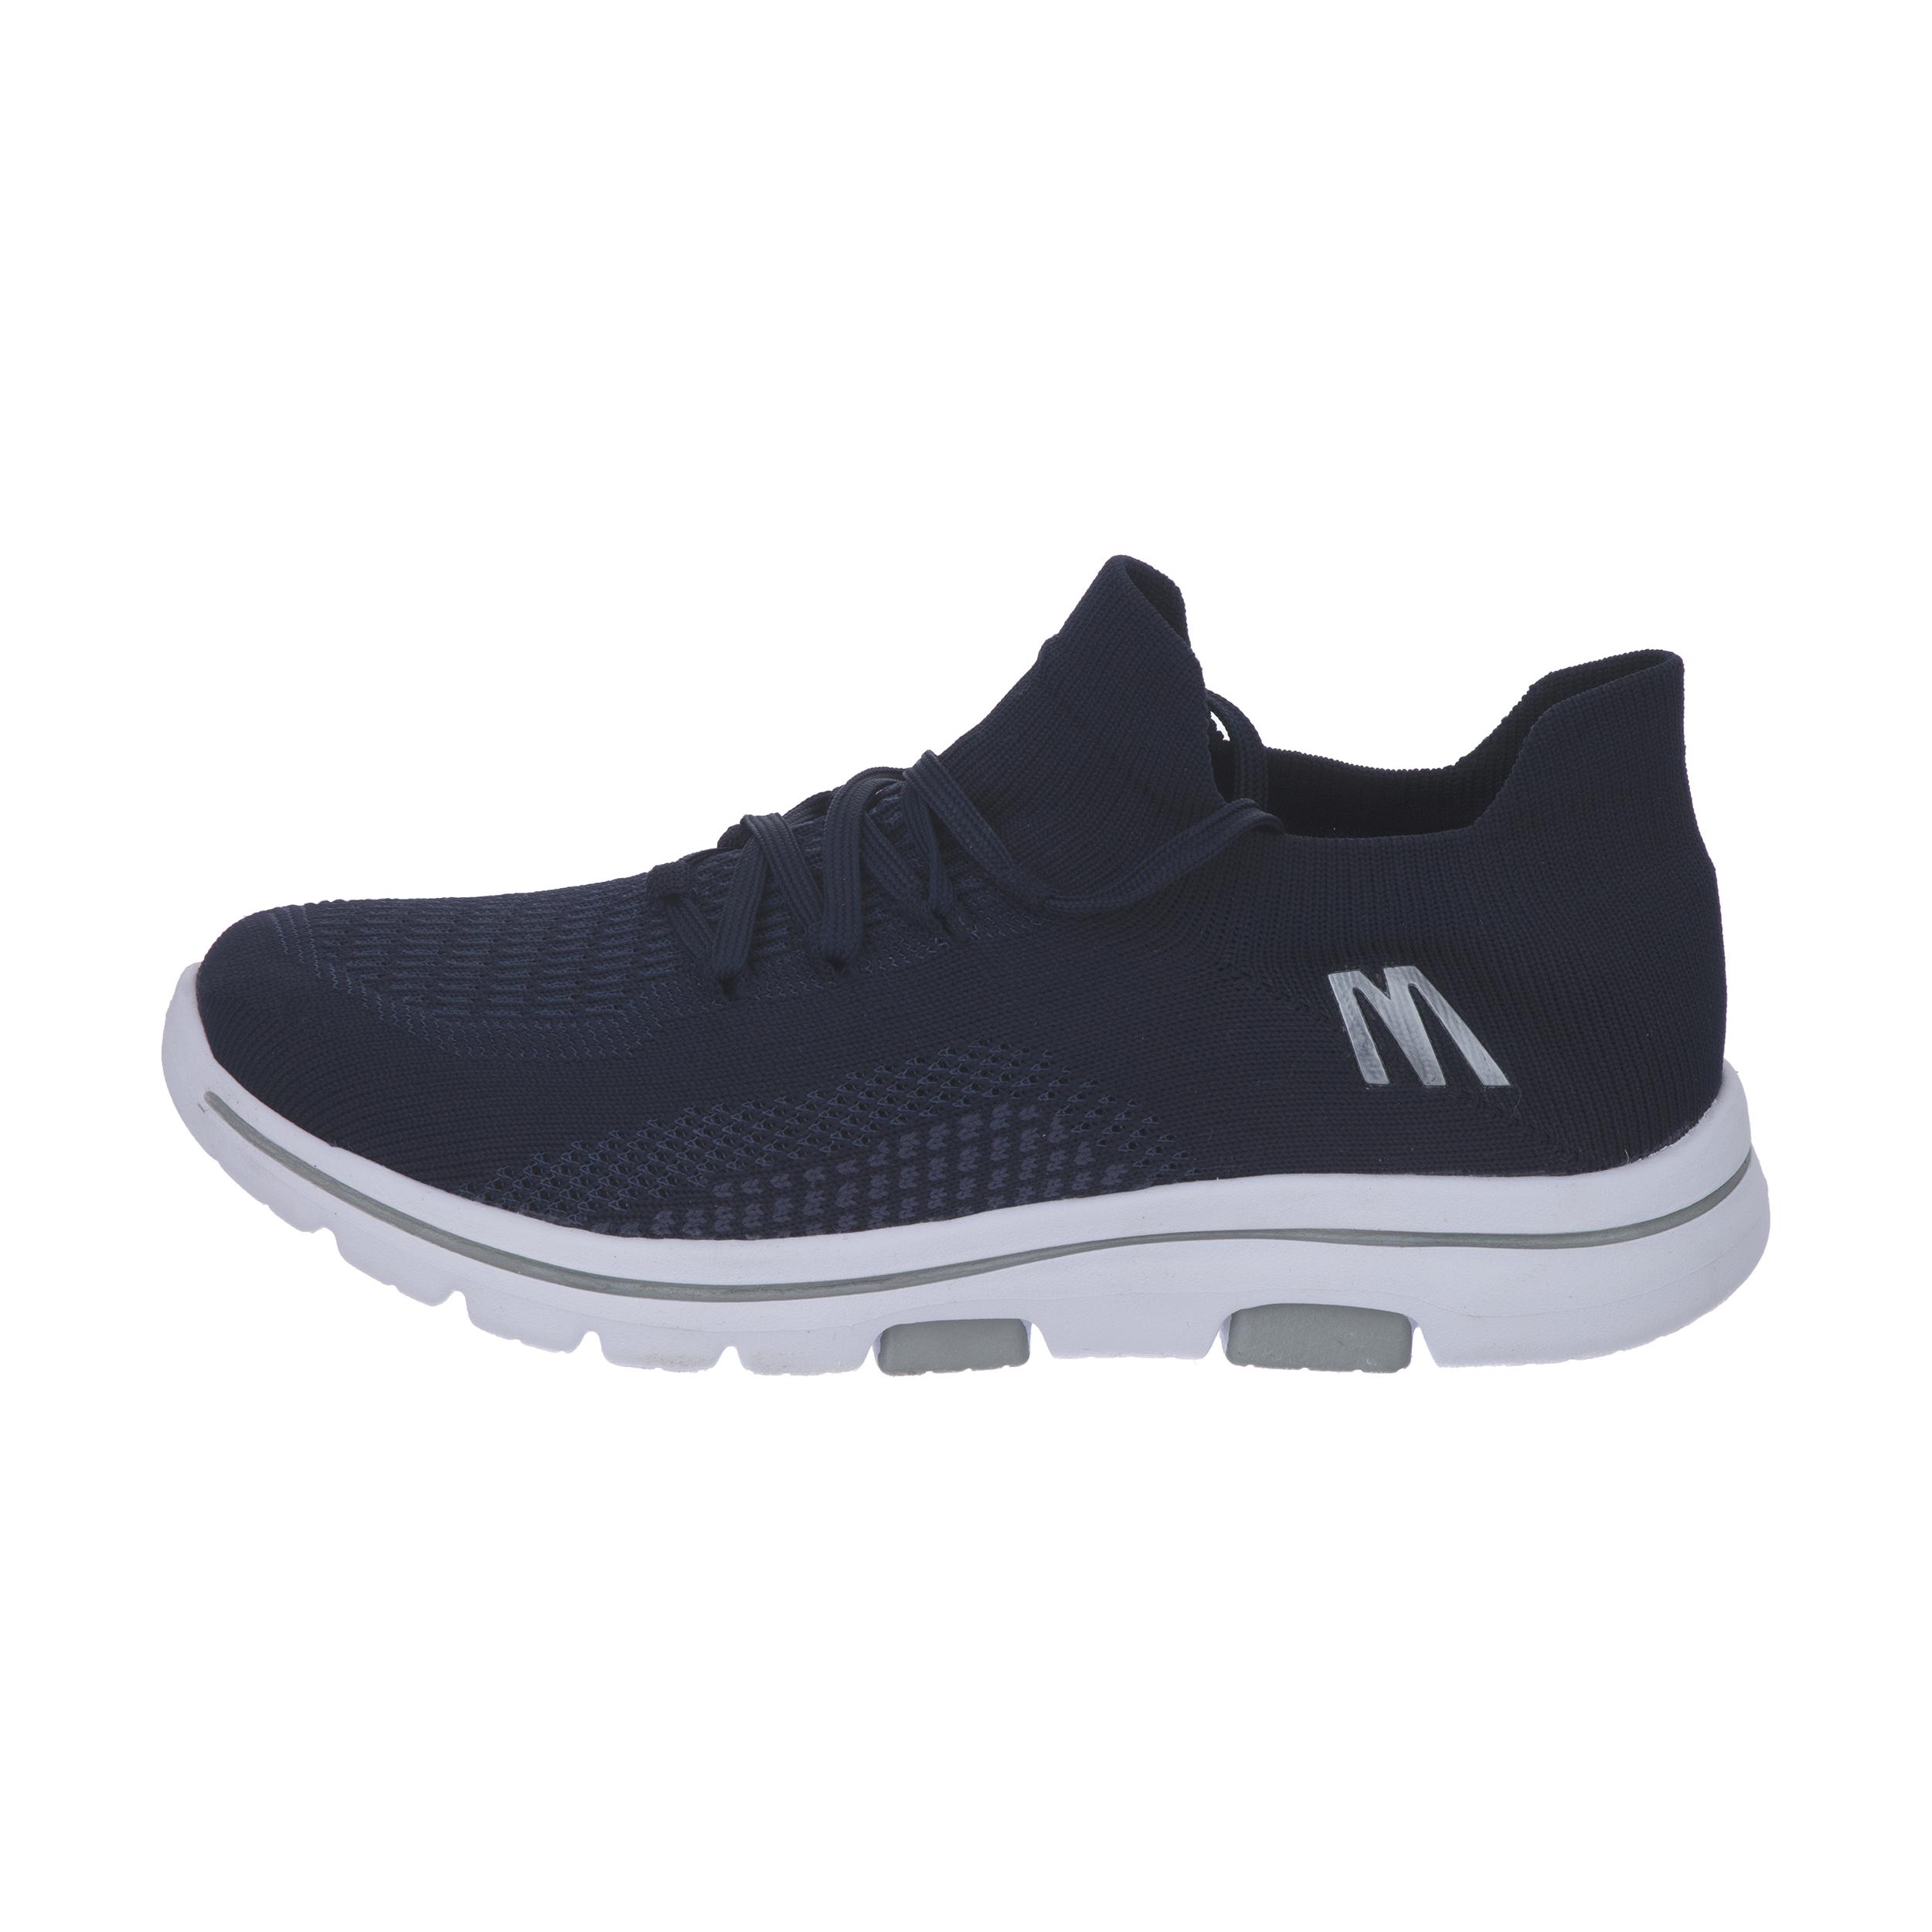 کفش پیاده روی مردانه مل اند موژ مدل 1020-17-400